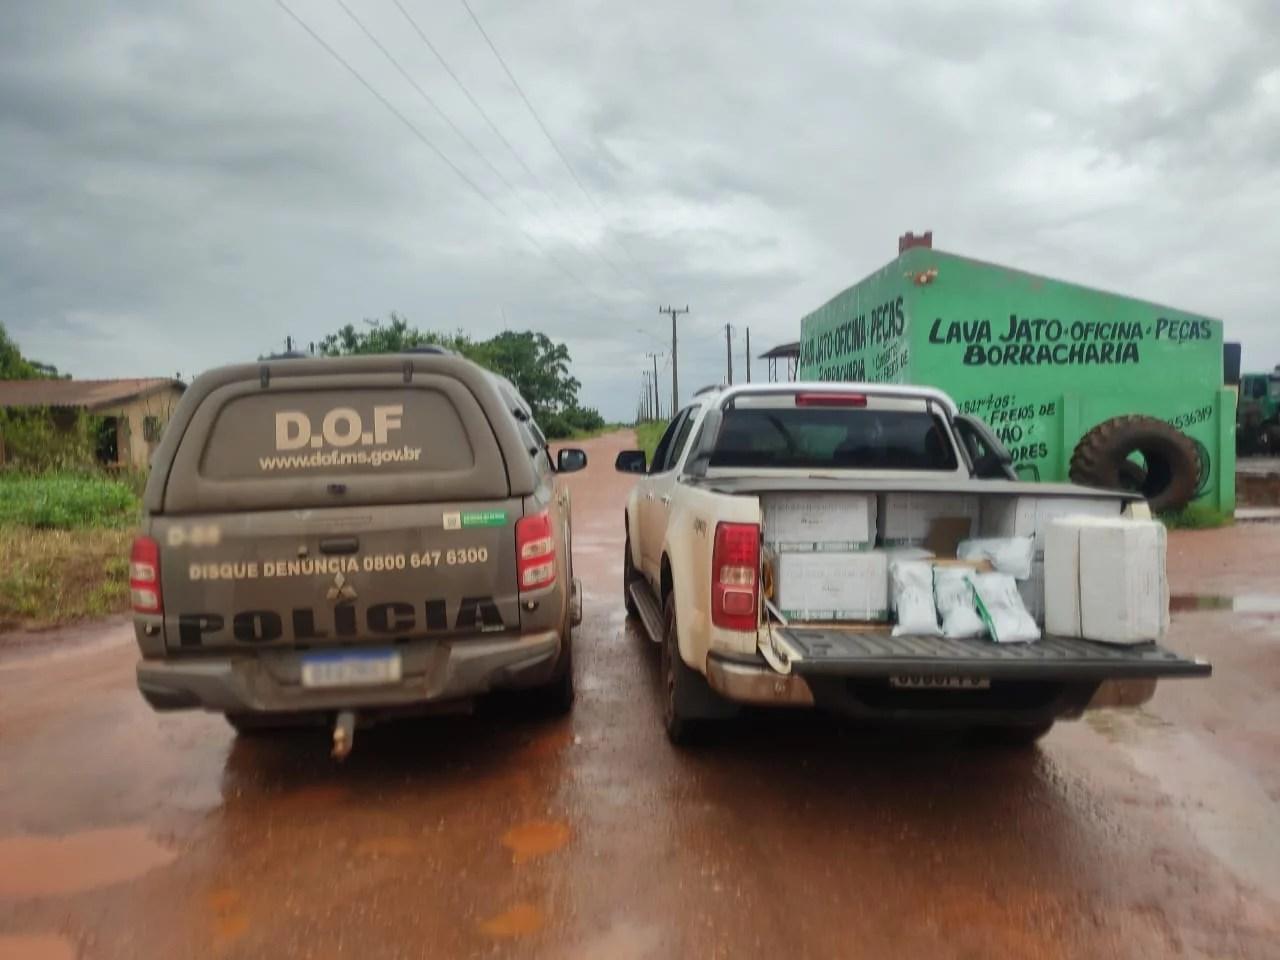 Camionete com 250 quilos de agrotóxicos foi apreendida pelo DOF durante a Operação Hórus